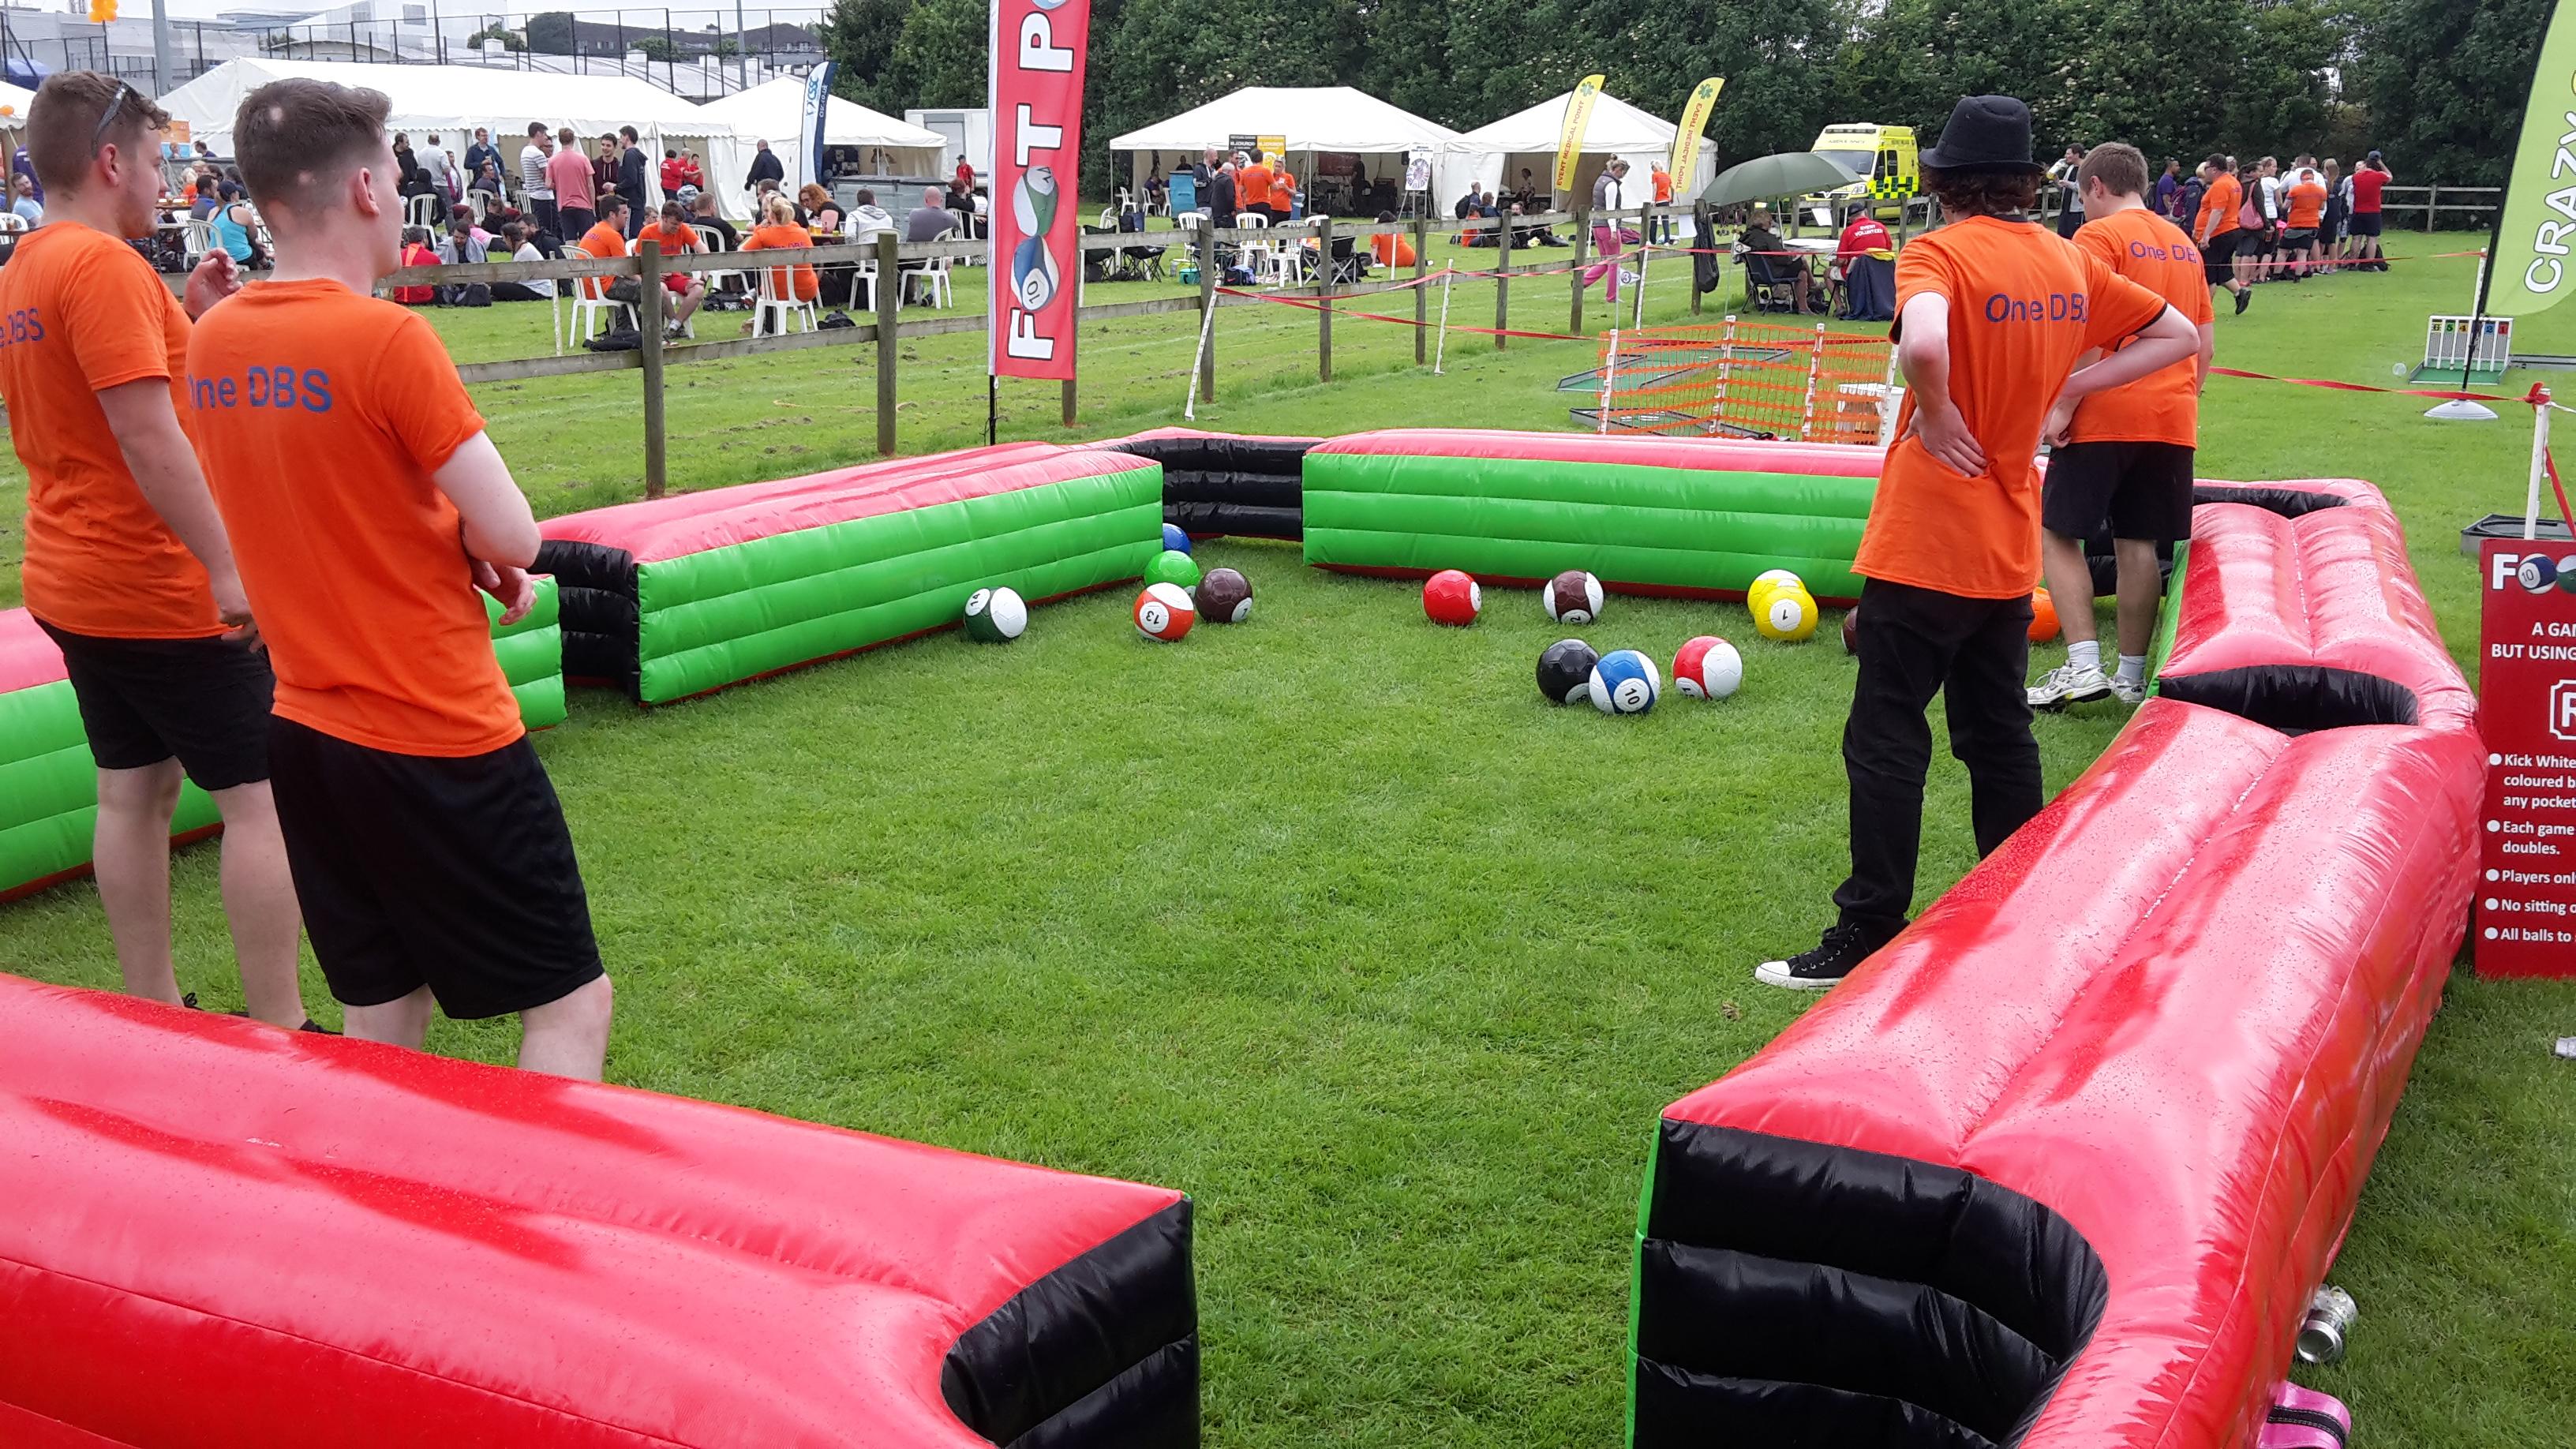 Inflatable Footpool / Snookballokball/